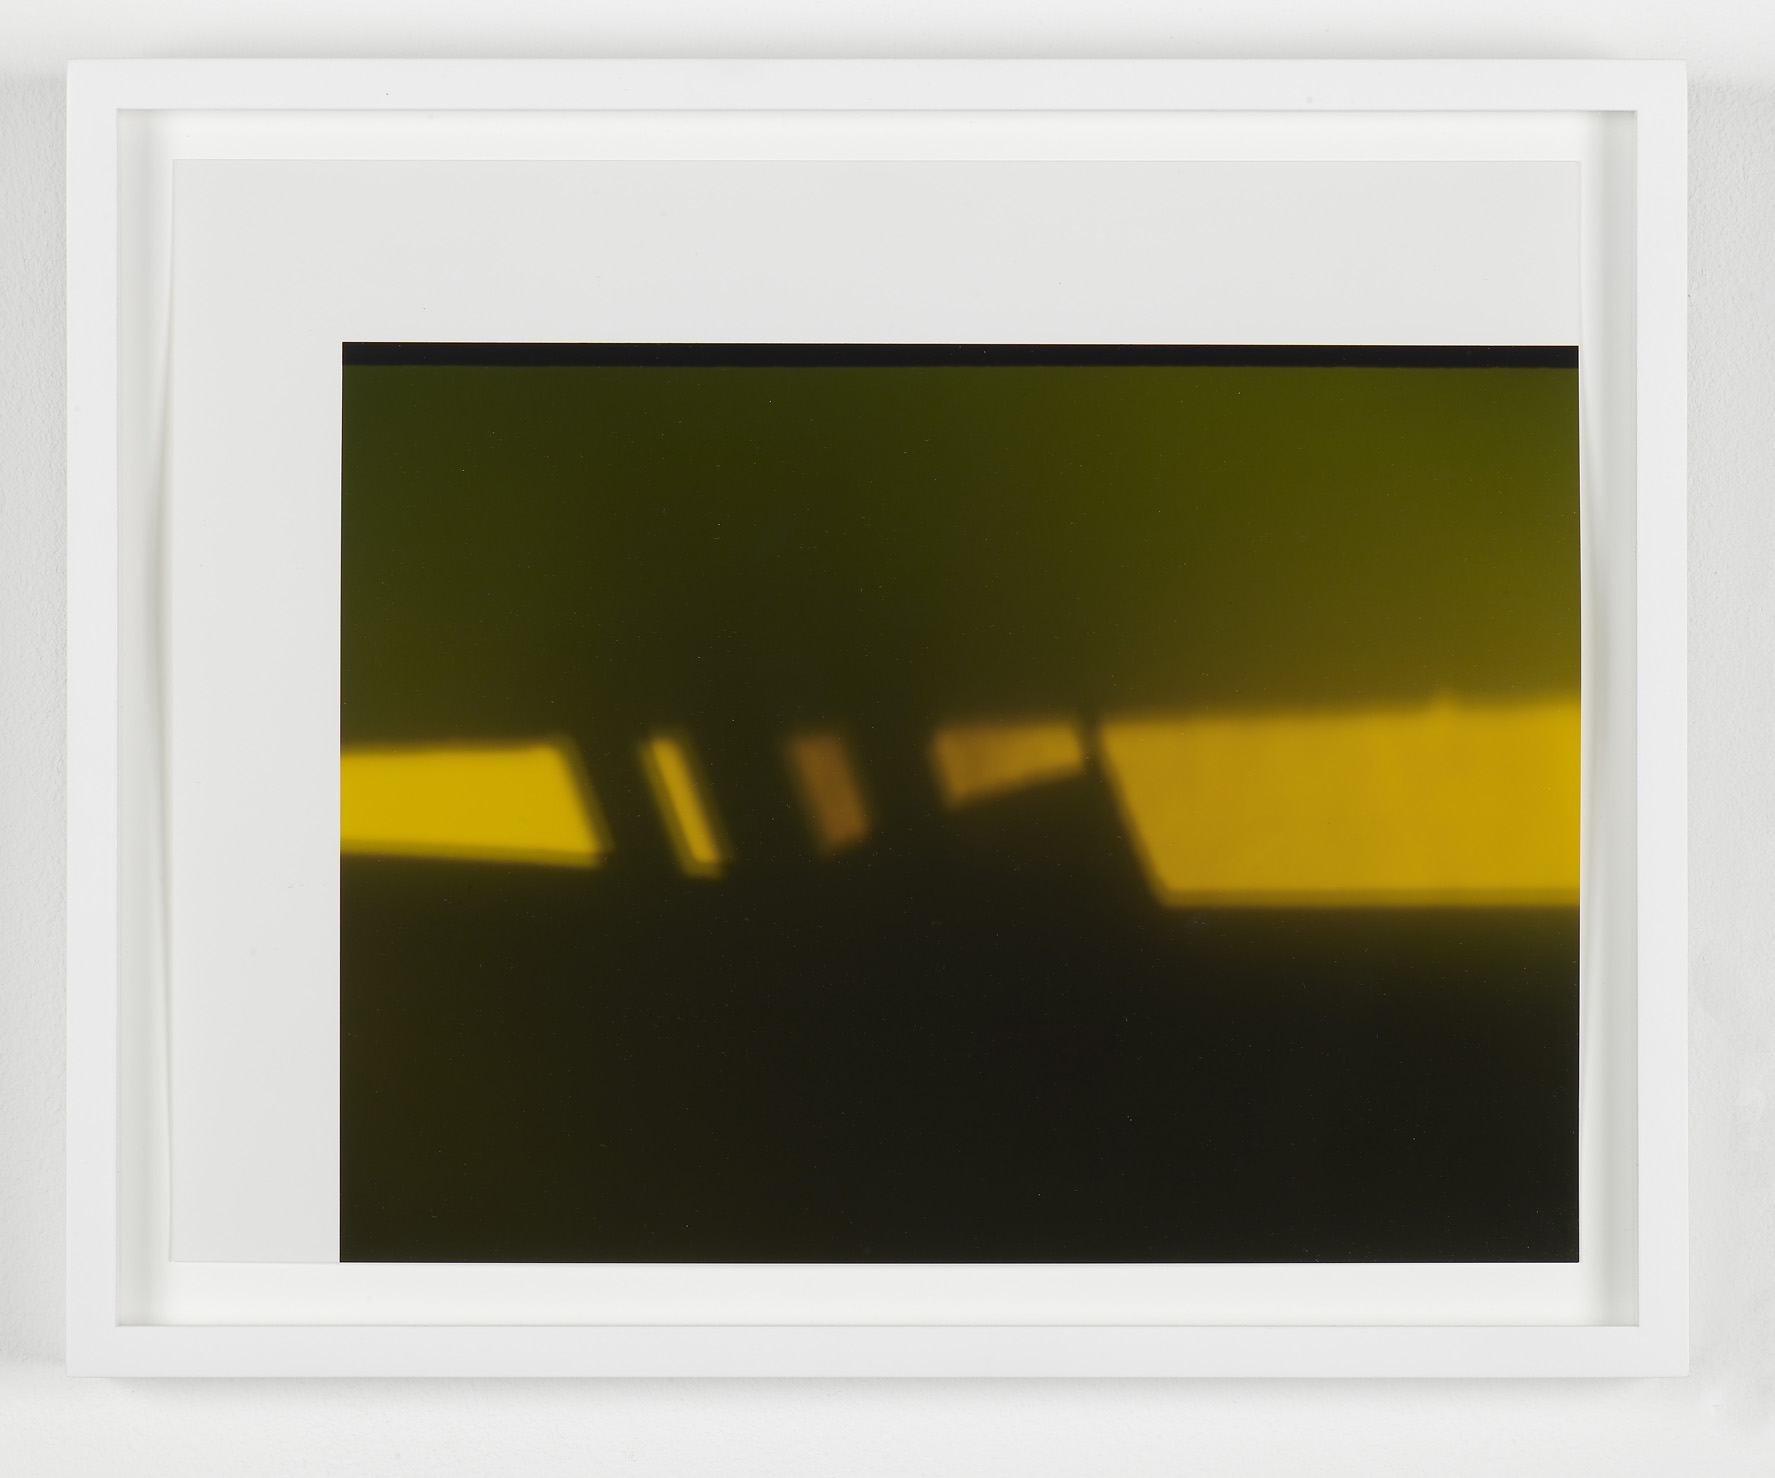 Untitled (Corner) 2009 Unique c-print 11 x 14 in / 27.9 x 35.6 cm